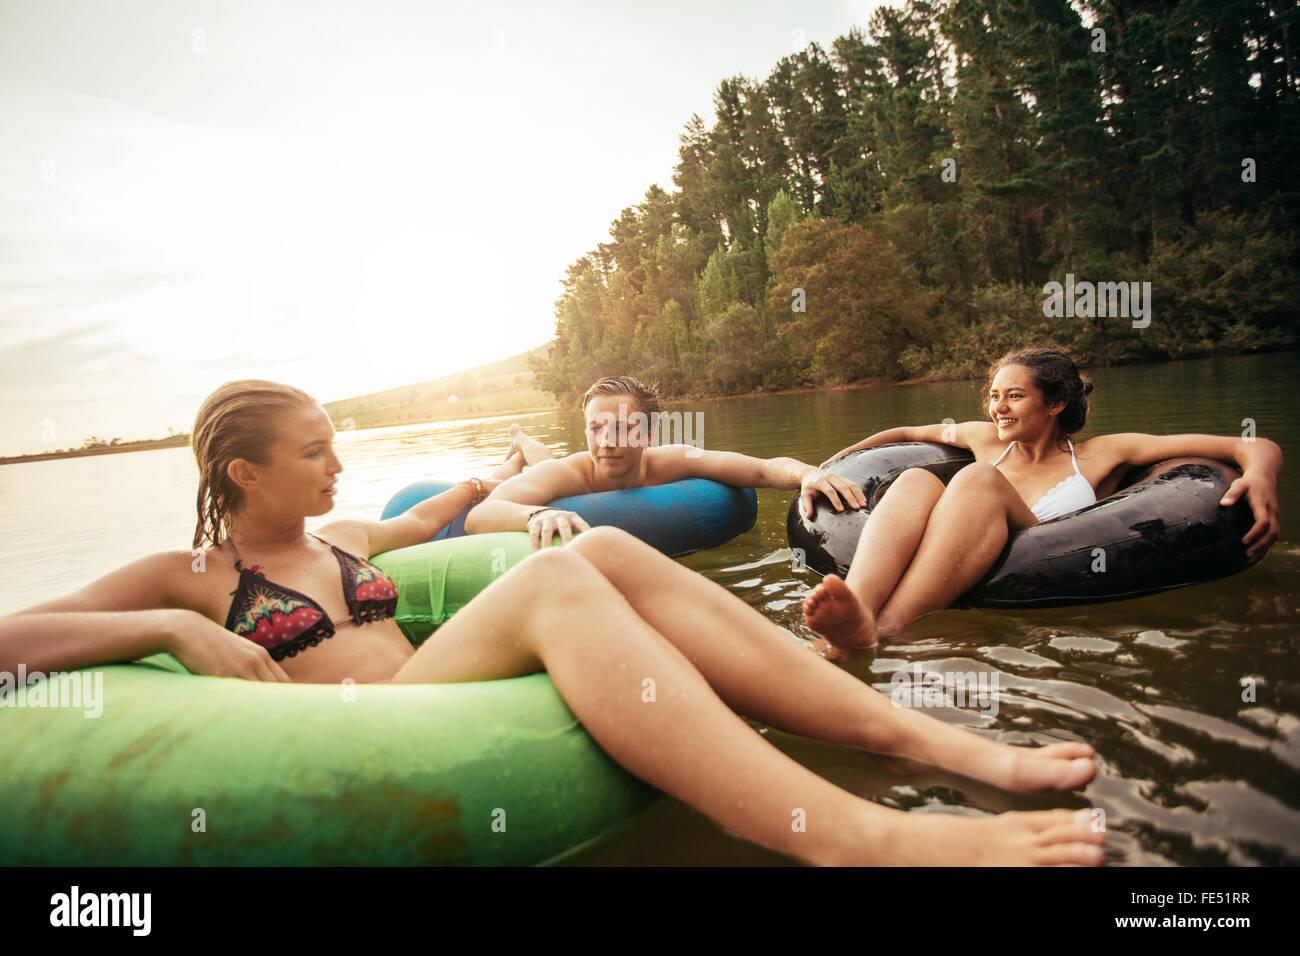 Retrato de jóvenes amigos flotando sobre el lago con anillos hinchables. Los jóvenes relajándose Imagen De Stock